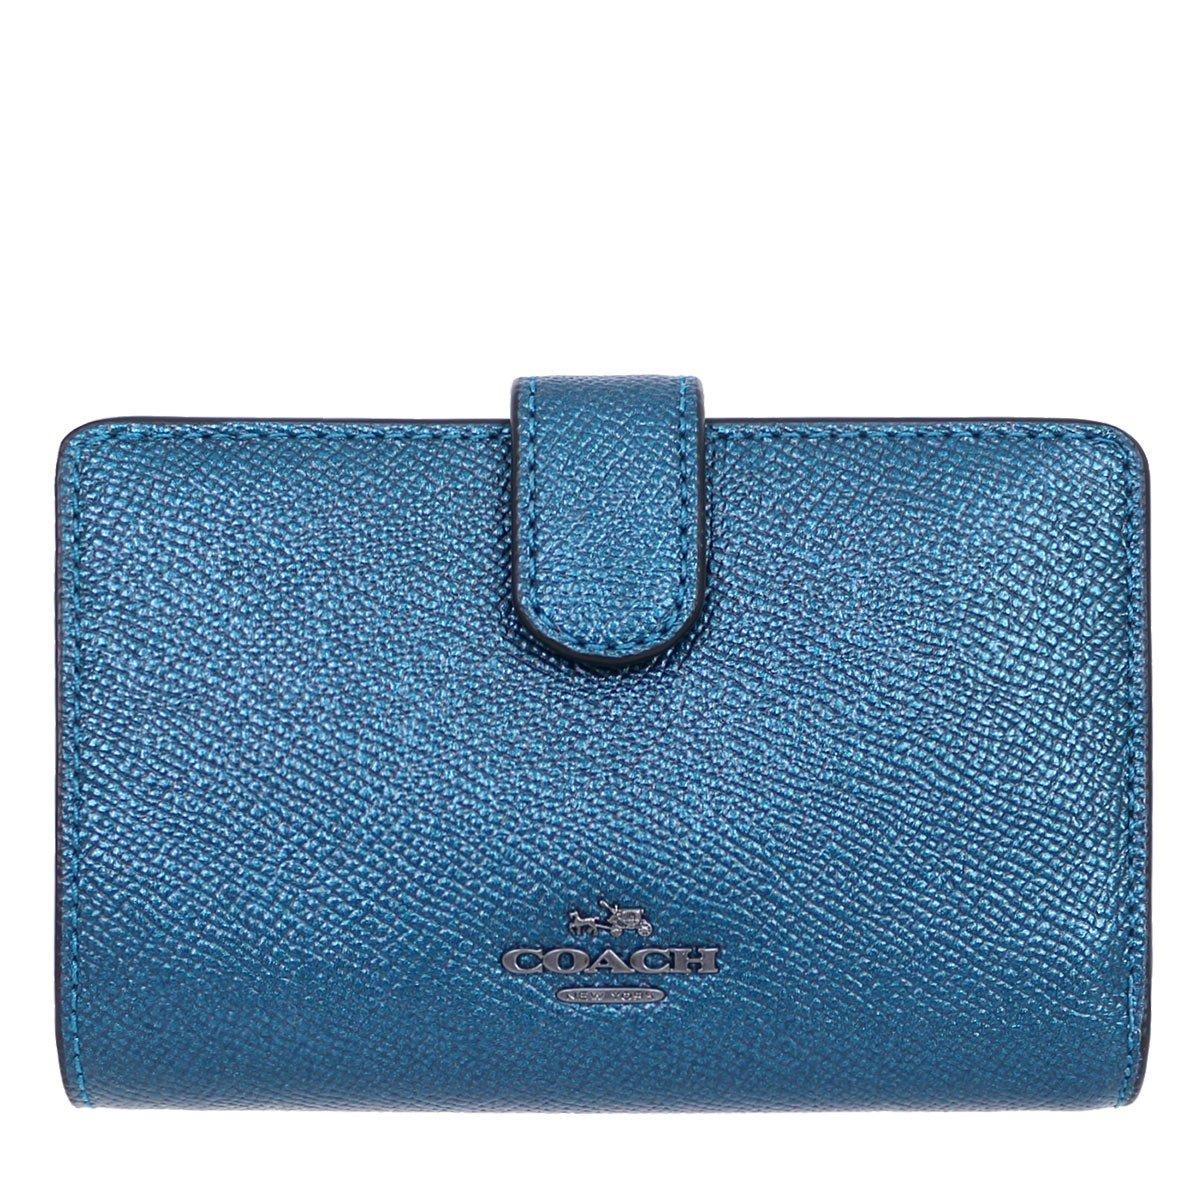 a6cea506de1c [コーチ] COACH 財布 (二つ折り財布) F23256 レザー 二つ折り財布 レディース